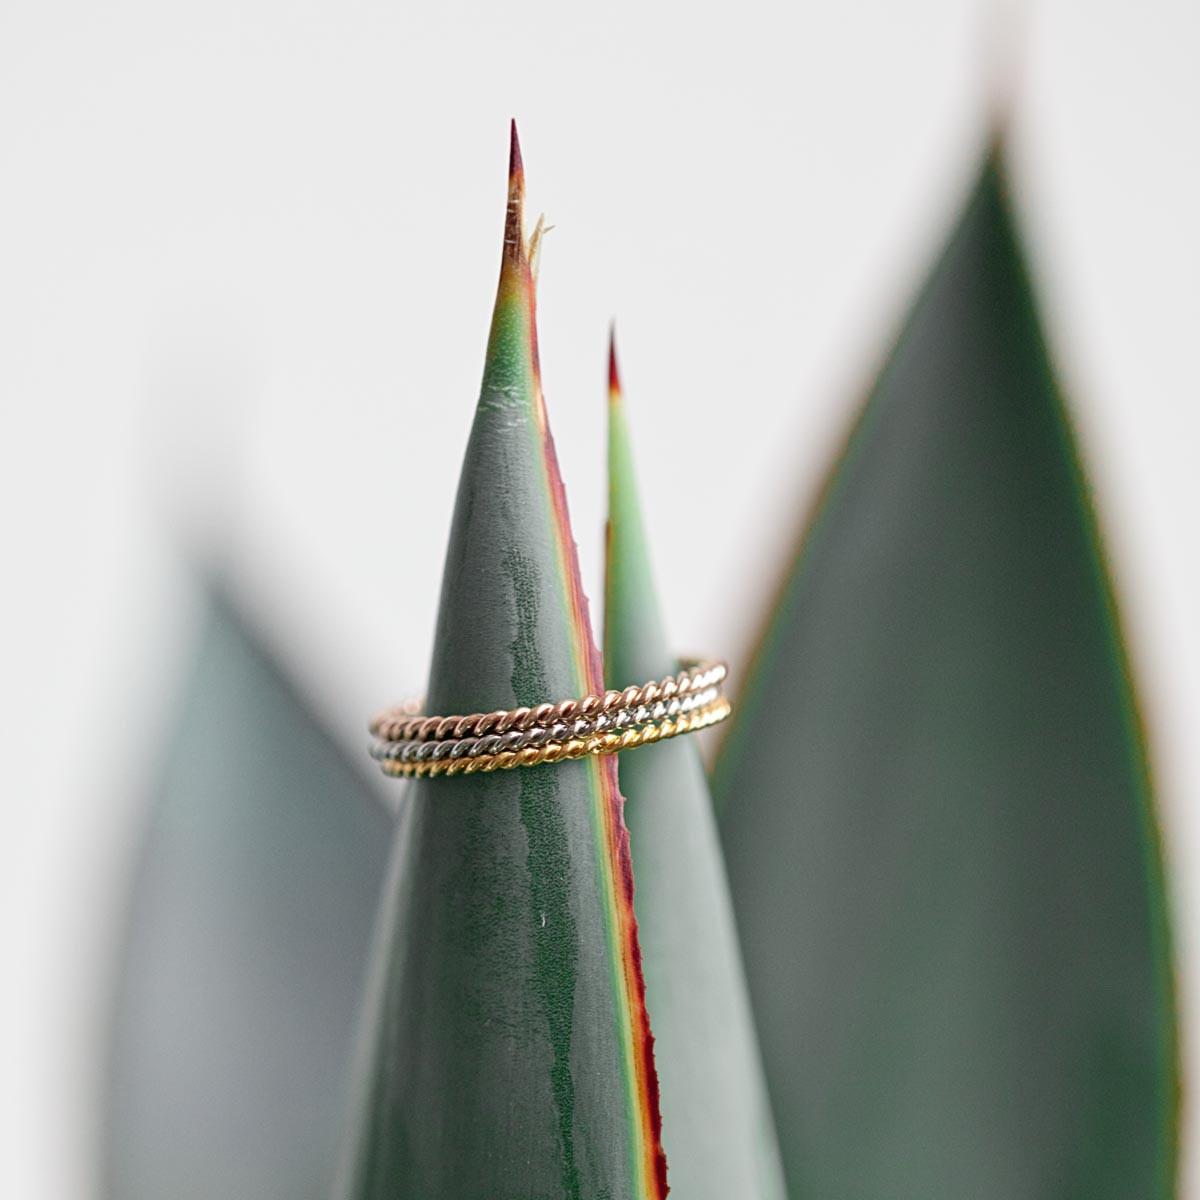 Ring in Kordel-Optik, vergoldet inkl Box